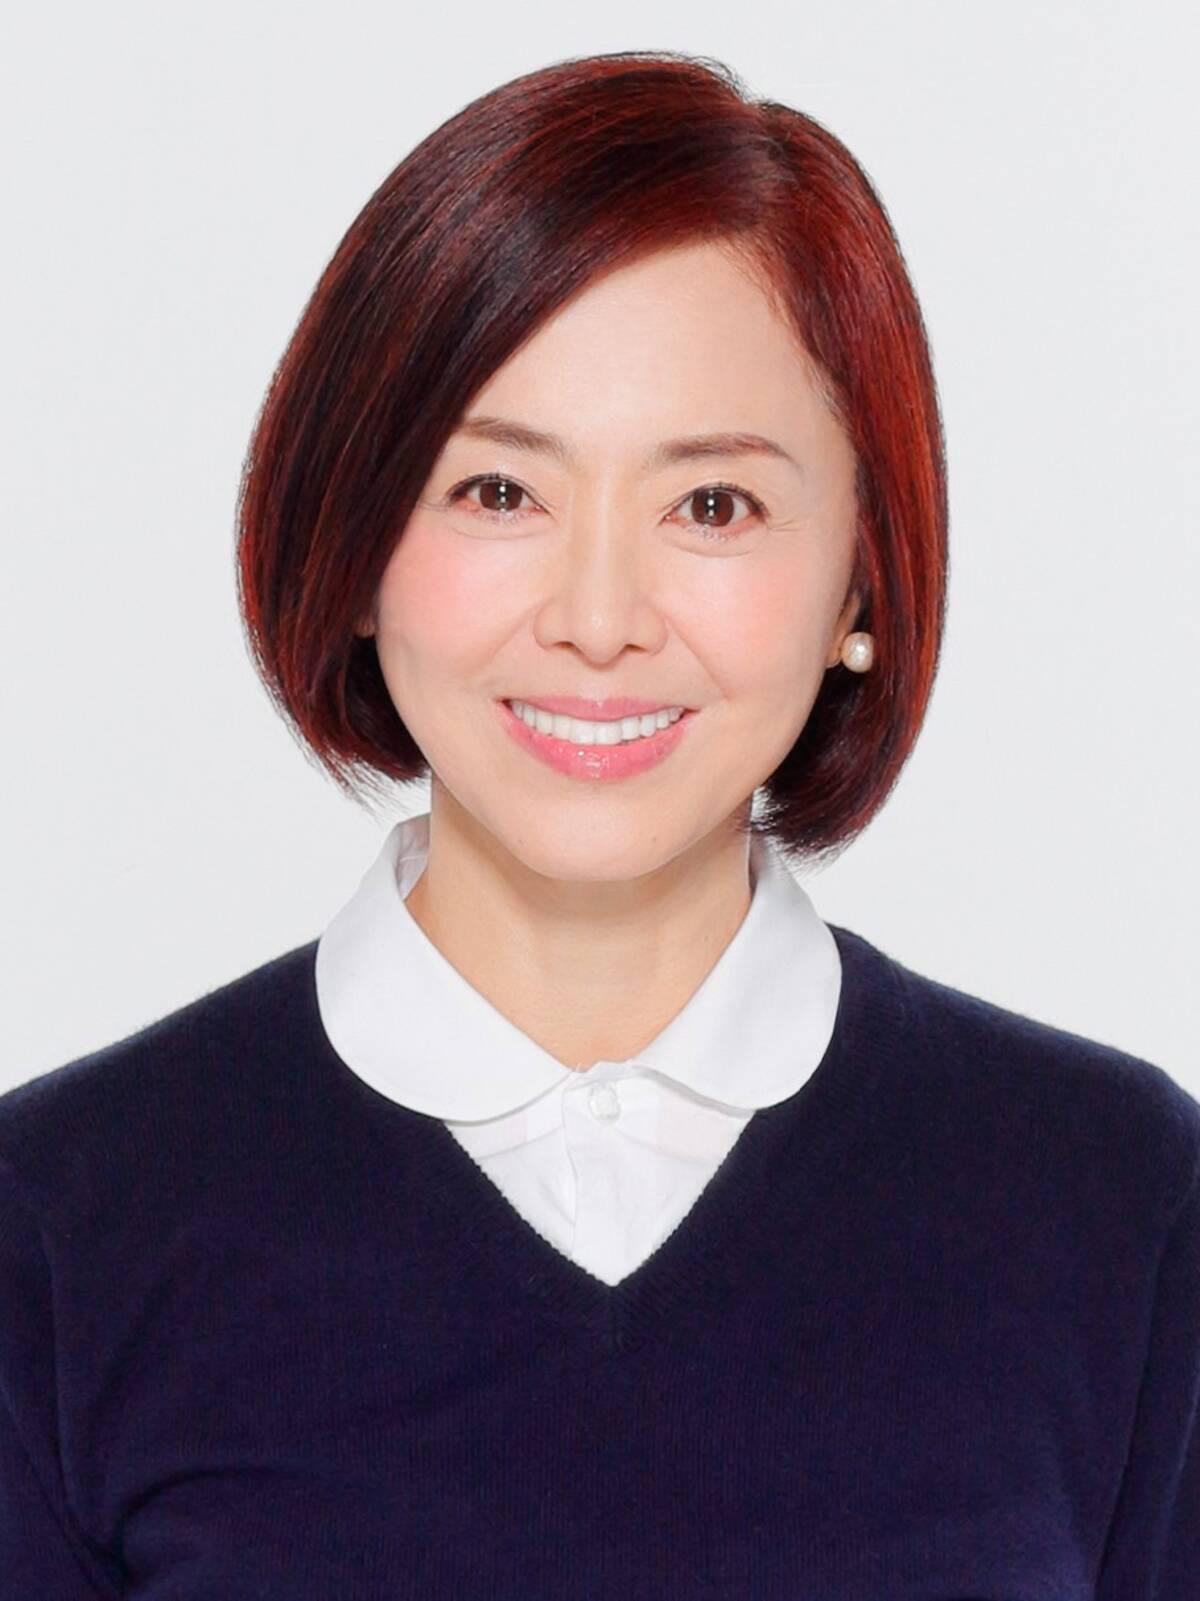 「熊谷真実」の画像検索結果